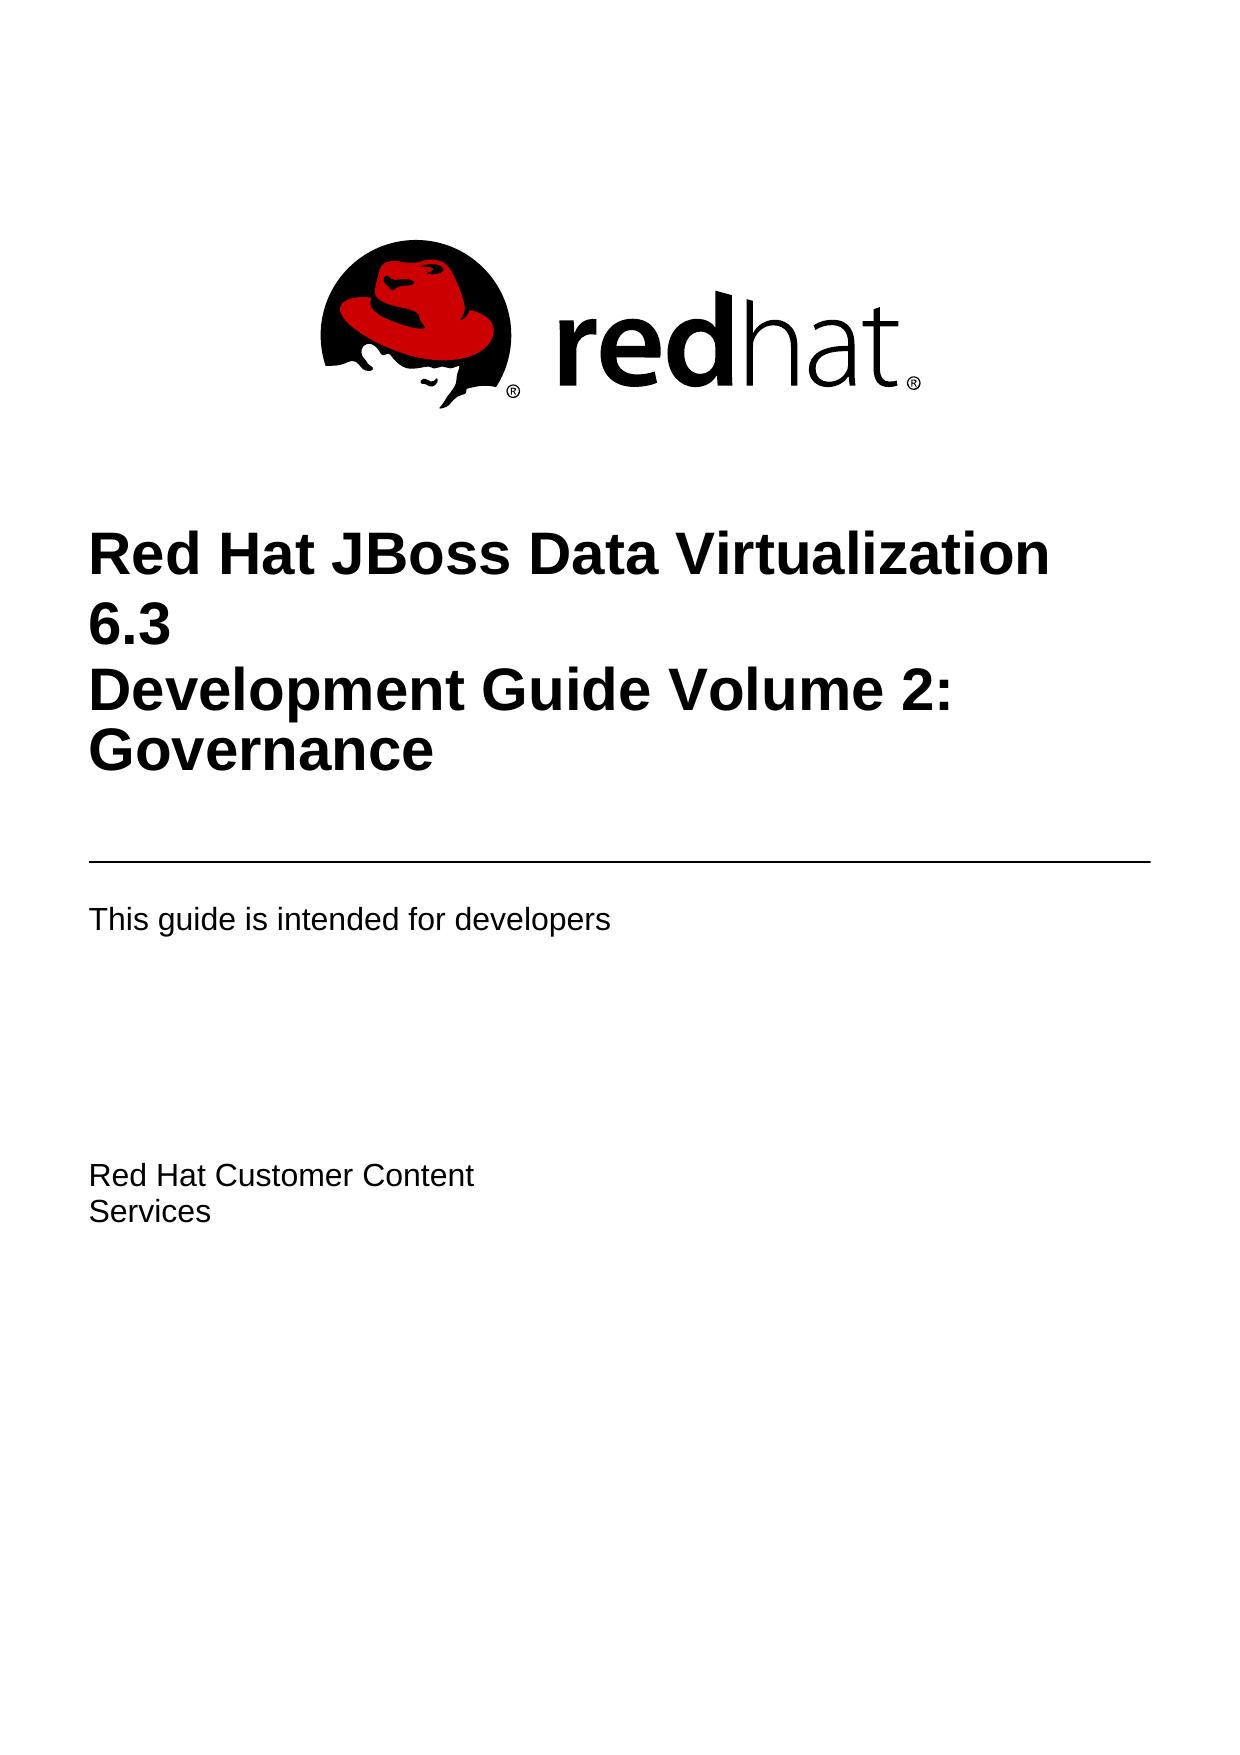 Development Guide Volume 2: Governance | manualzz com